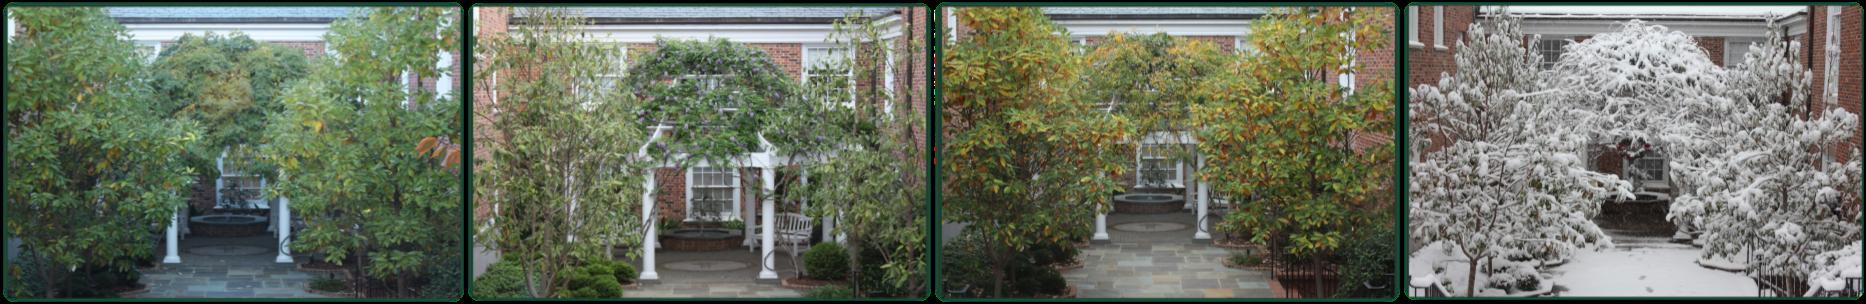 Memorial Garden Seasons